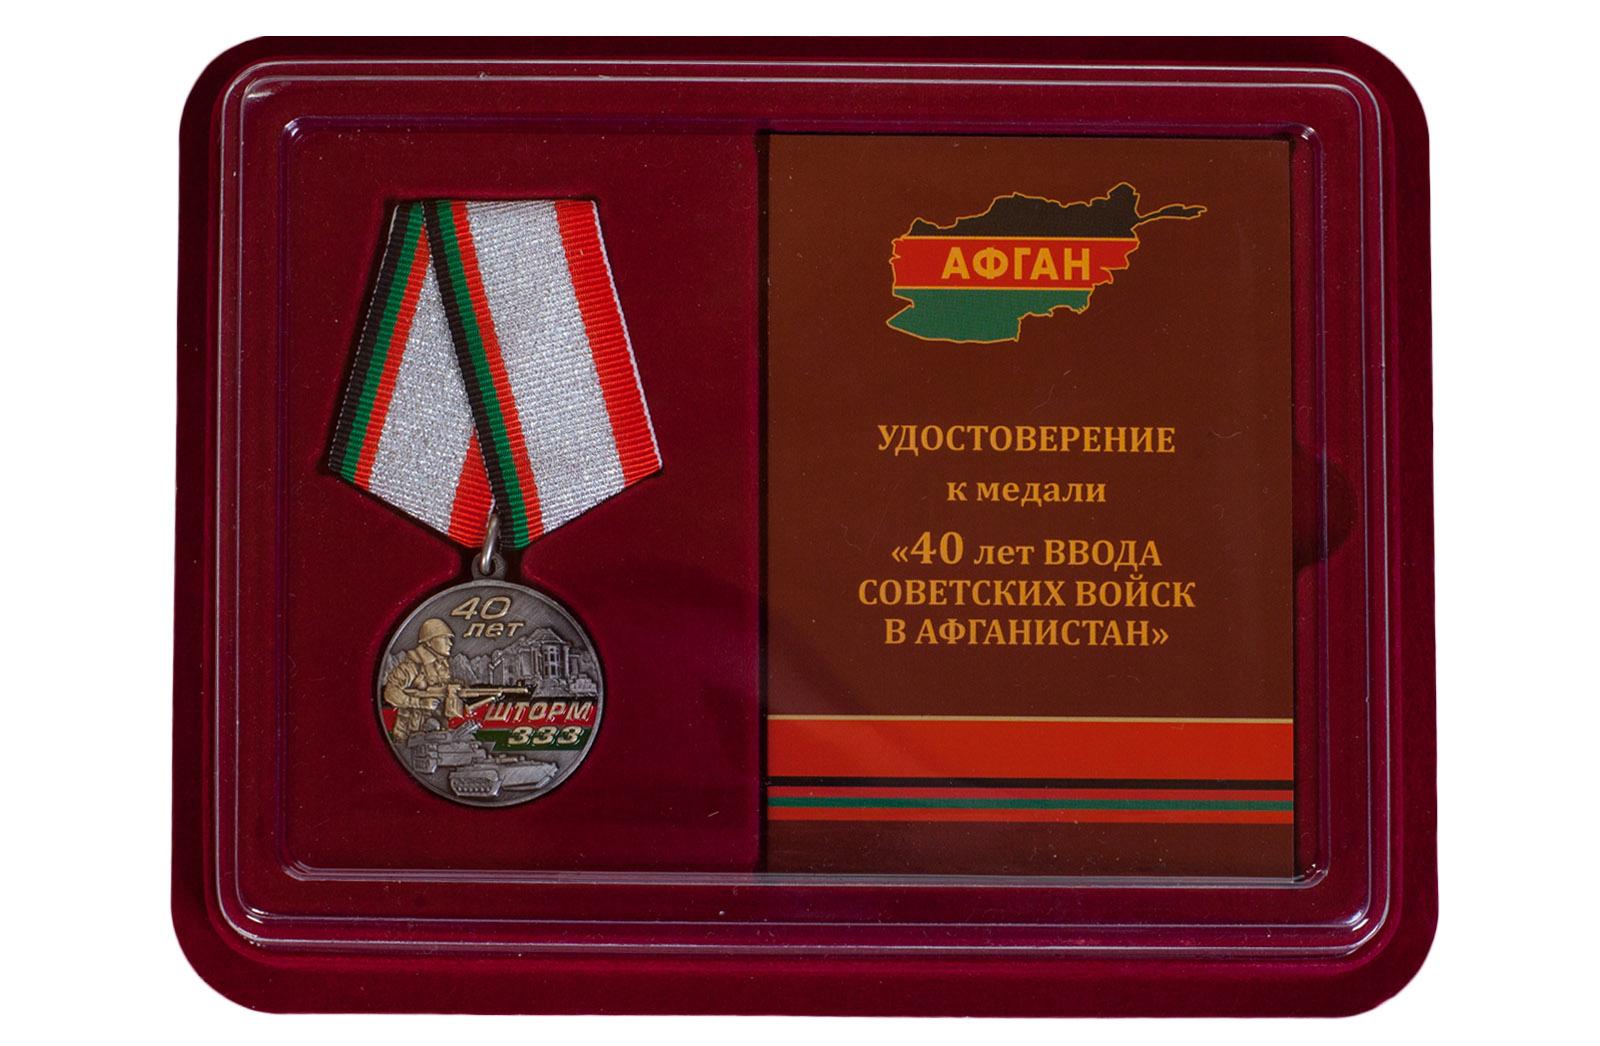 Купить латунную медаль Афганистана Шторм 333 с доставкой в ваш город